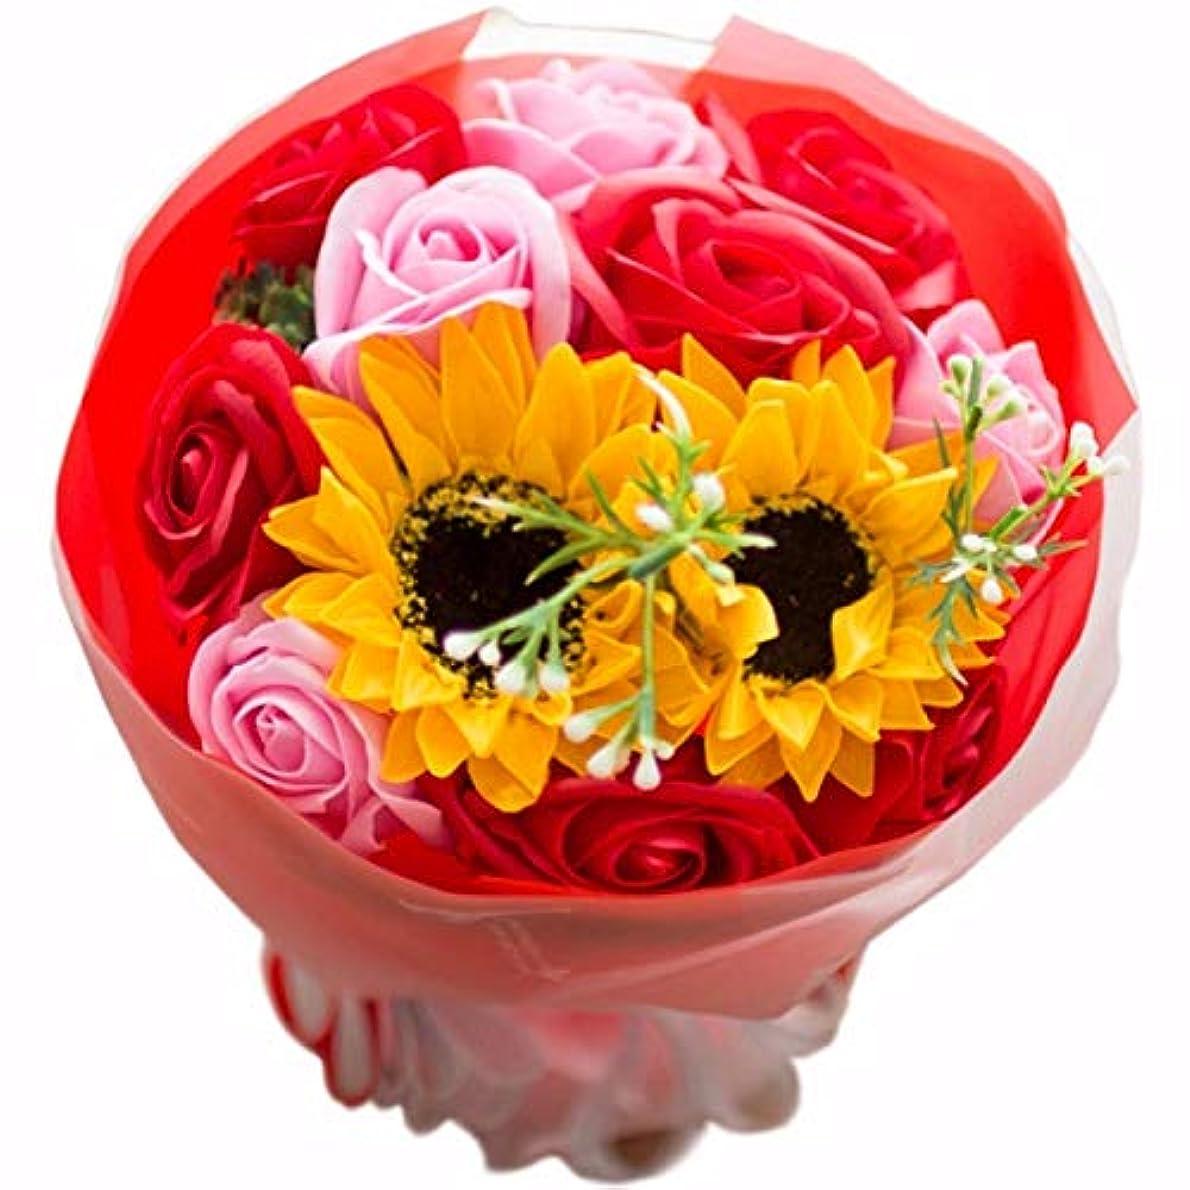 フレグランス ソープフラワー シャボンフラワー 夏にぴったり ひまわり&ローズ 花束 ブーケ FPP-808 (レッド)